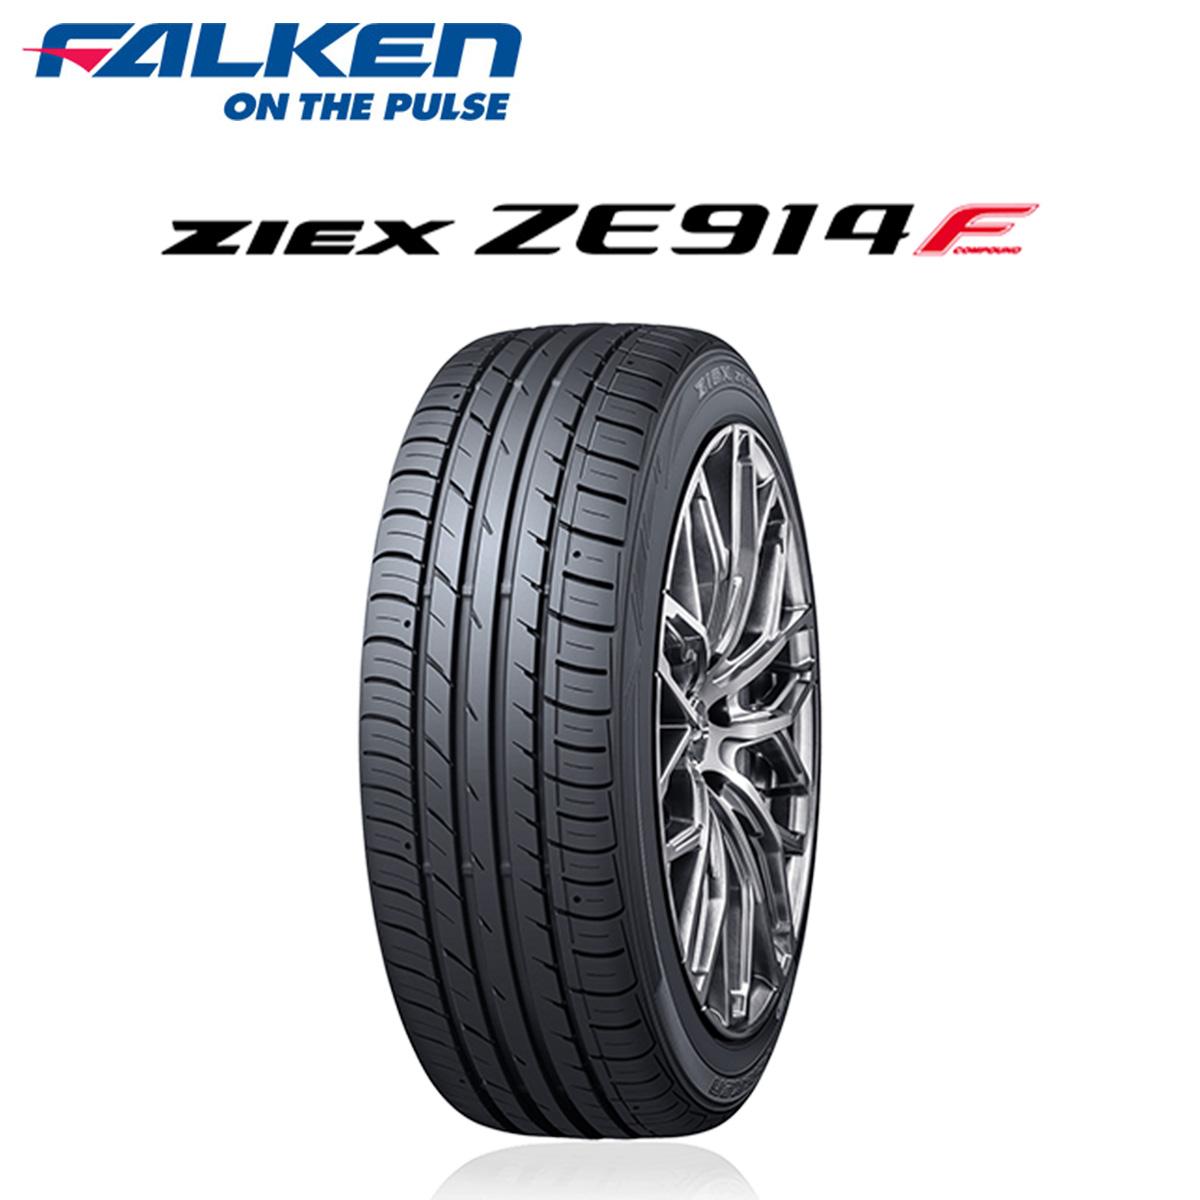 FALKENファンケル低燃費サマータイヤ4本セット17インチ235/50R17ZIEXZE914Fジークス